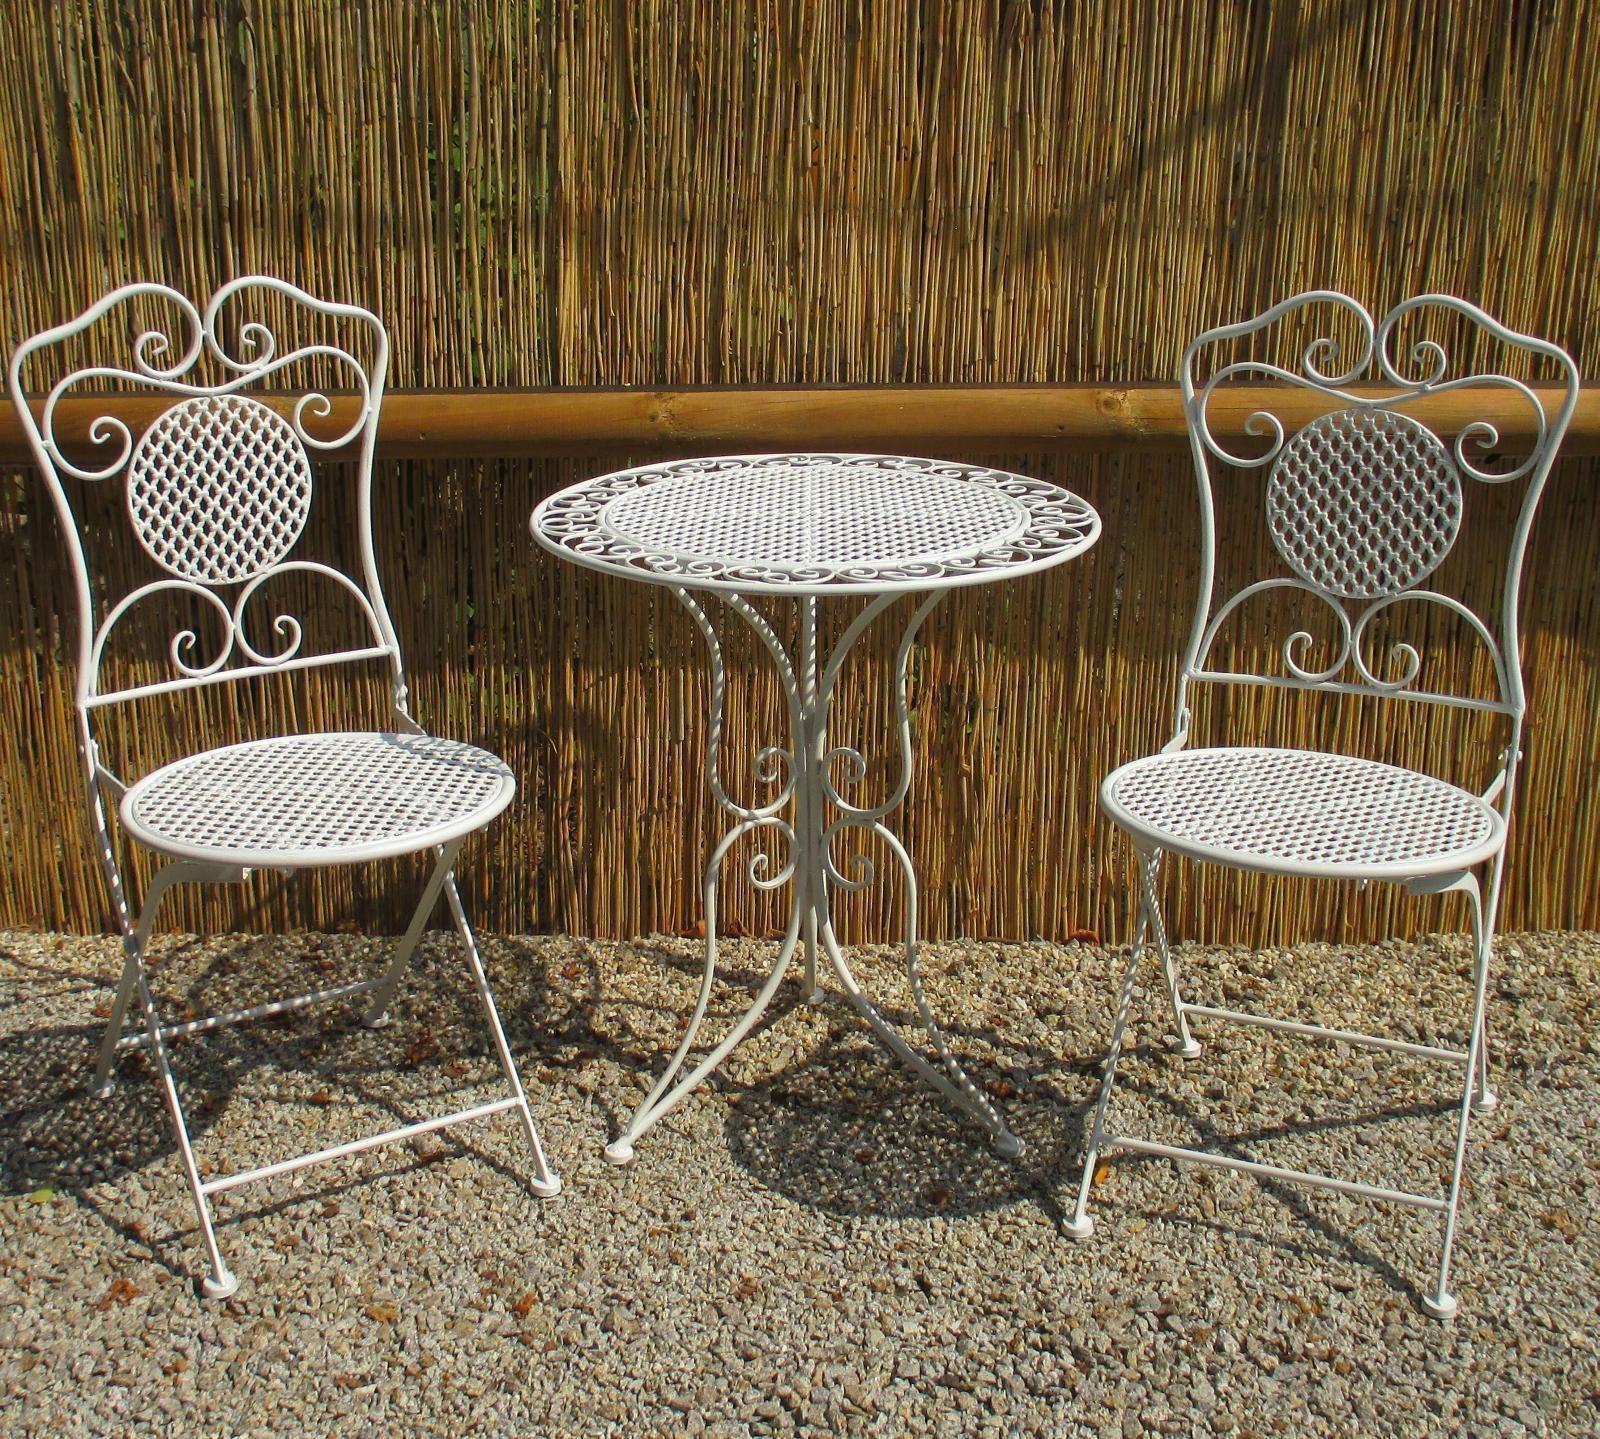 Bistroset Gartenmobel Eisen 1 Tisch 2 Stuhle Weiss An Bistroset Gartenmobel Eisen 1 Tisch 2 Stuhle Weiss Antikstil Balkon Si Weisse Stuhle Gartenmobel Tisch